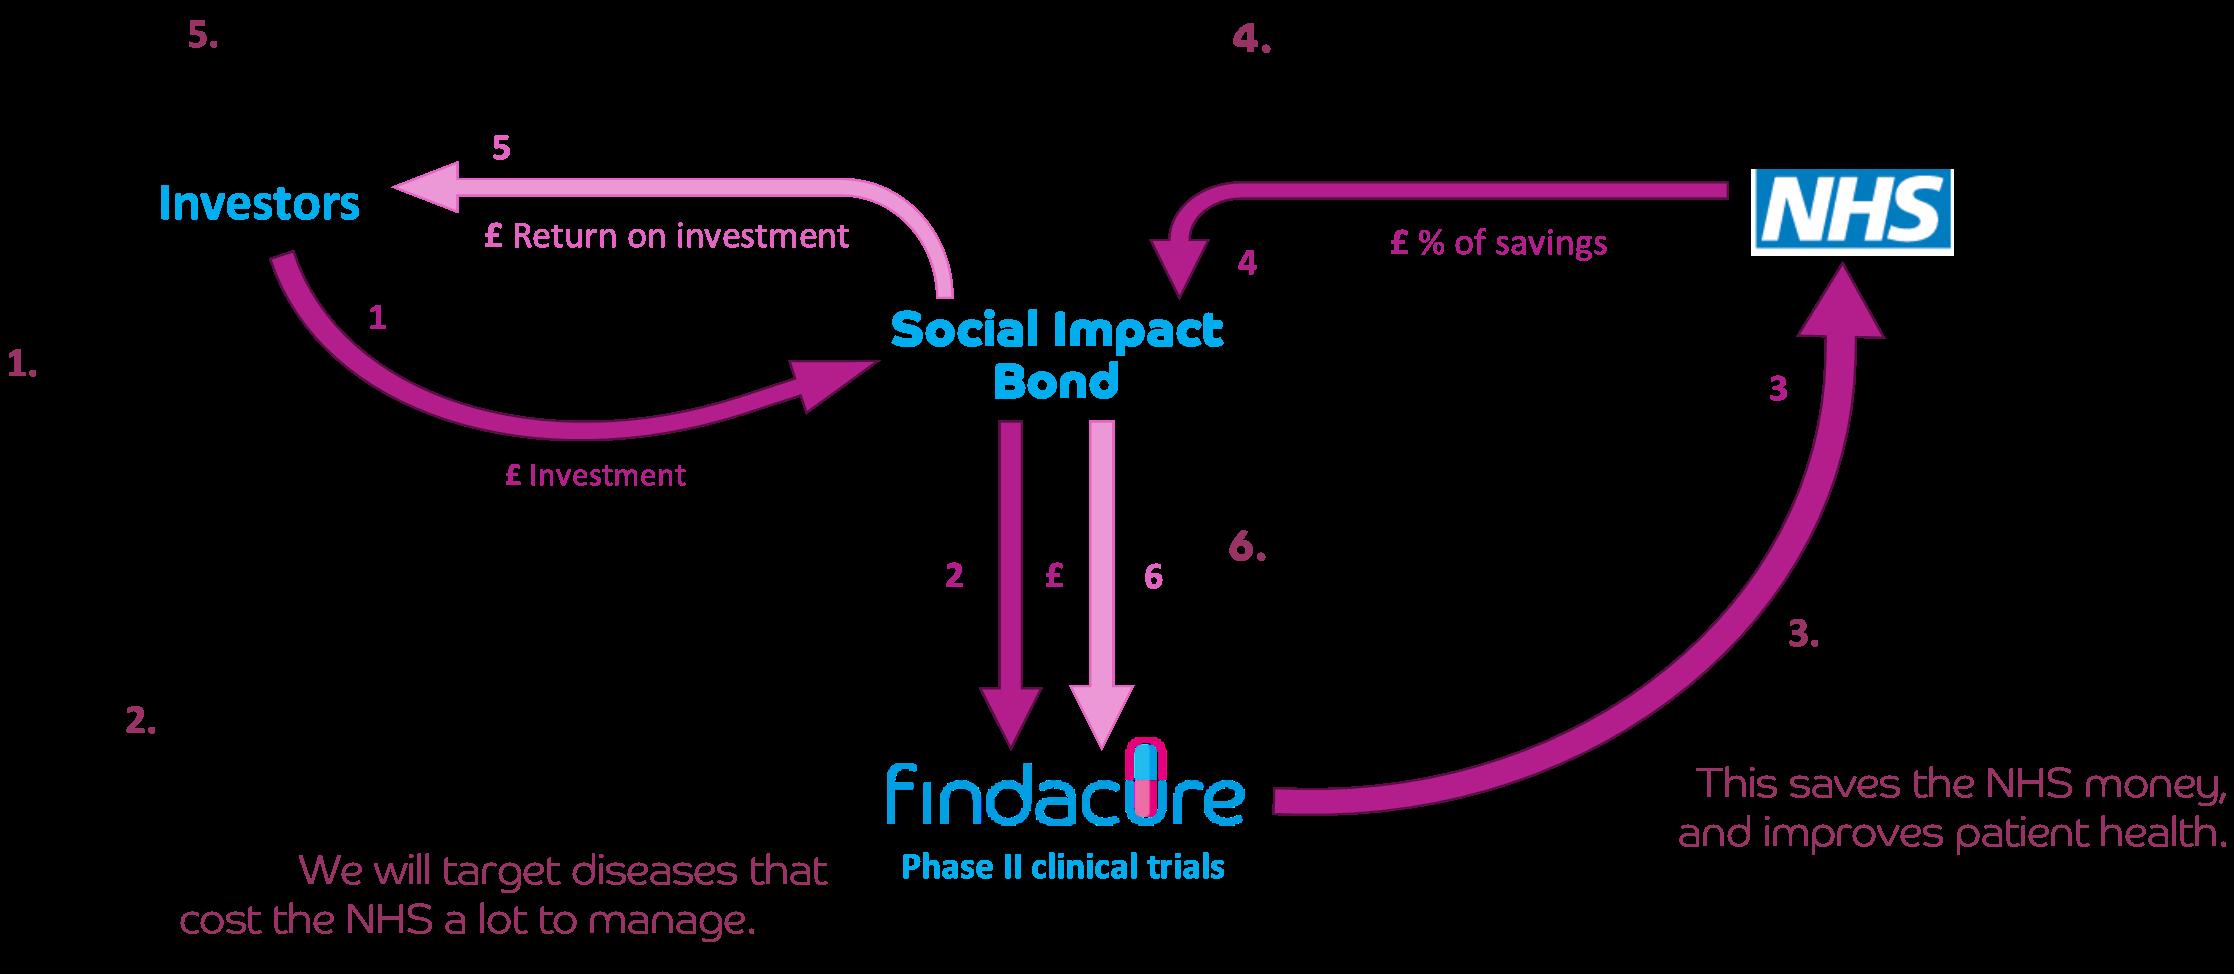 SIB Social Impact Bond poster image with description IMAGE TRANSPARENT